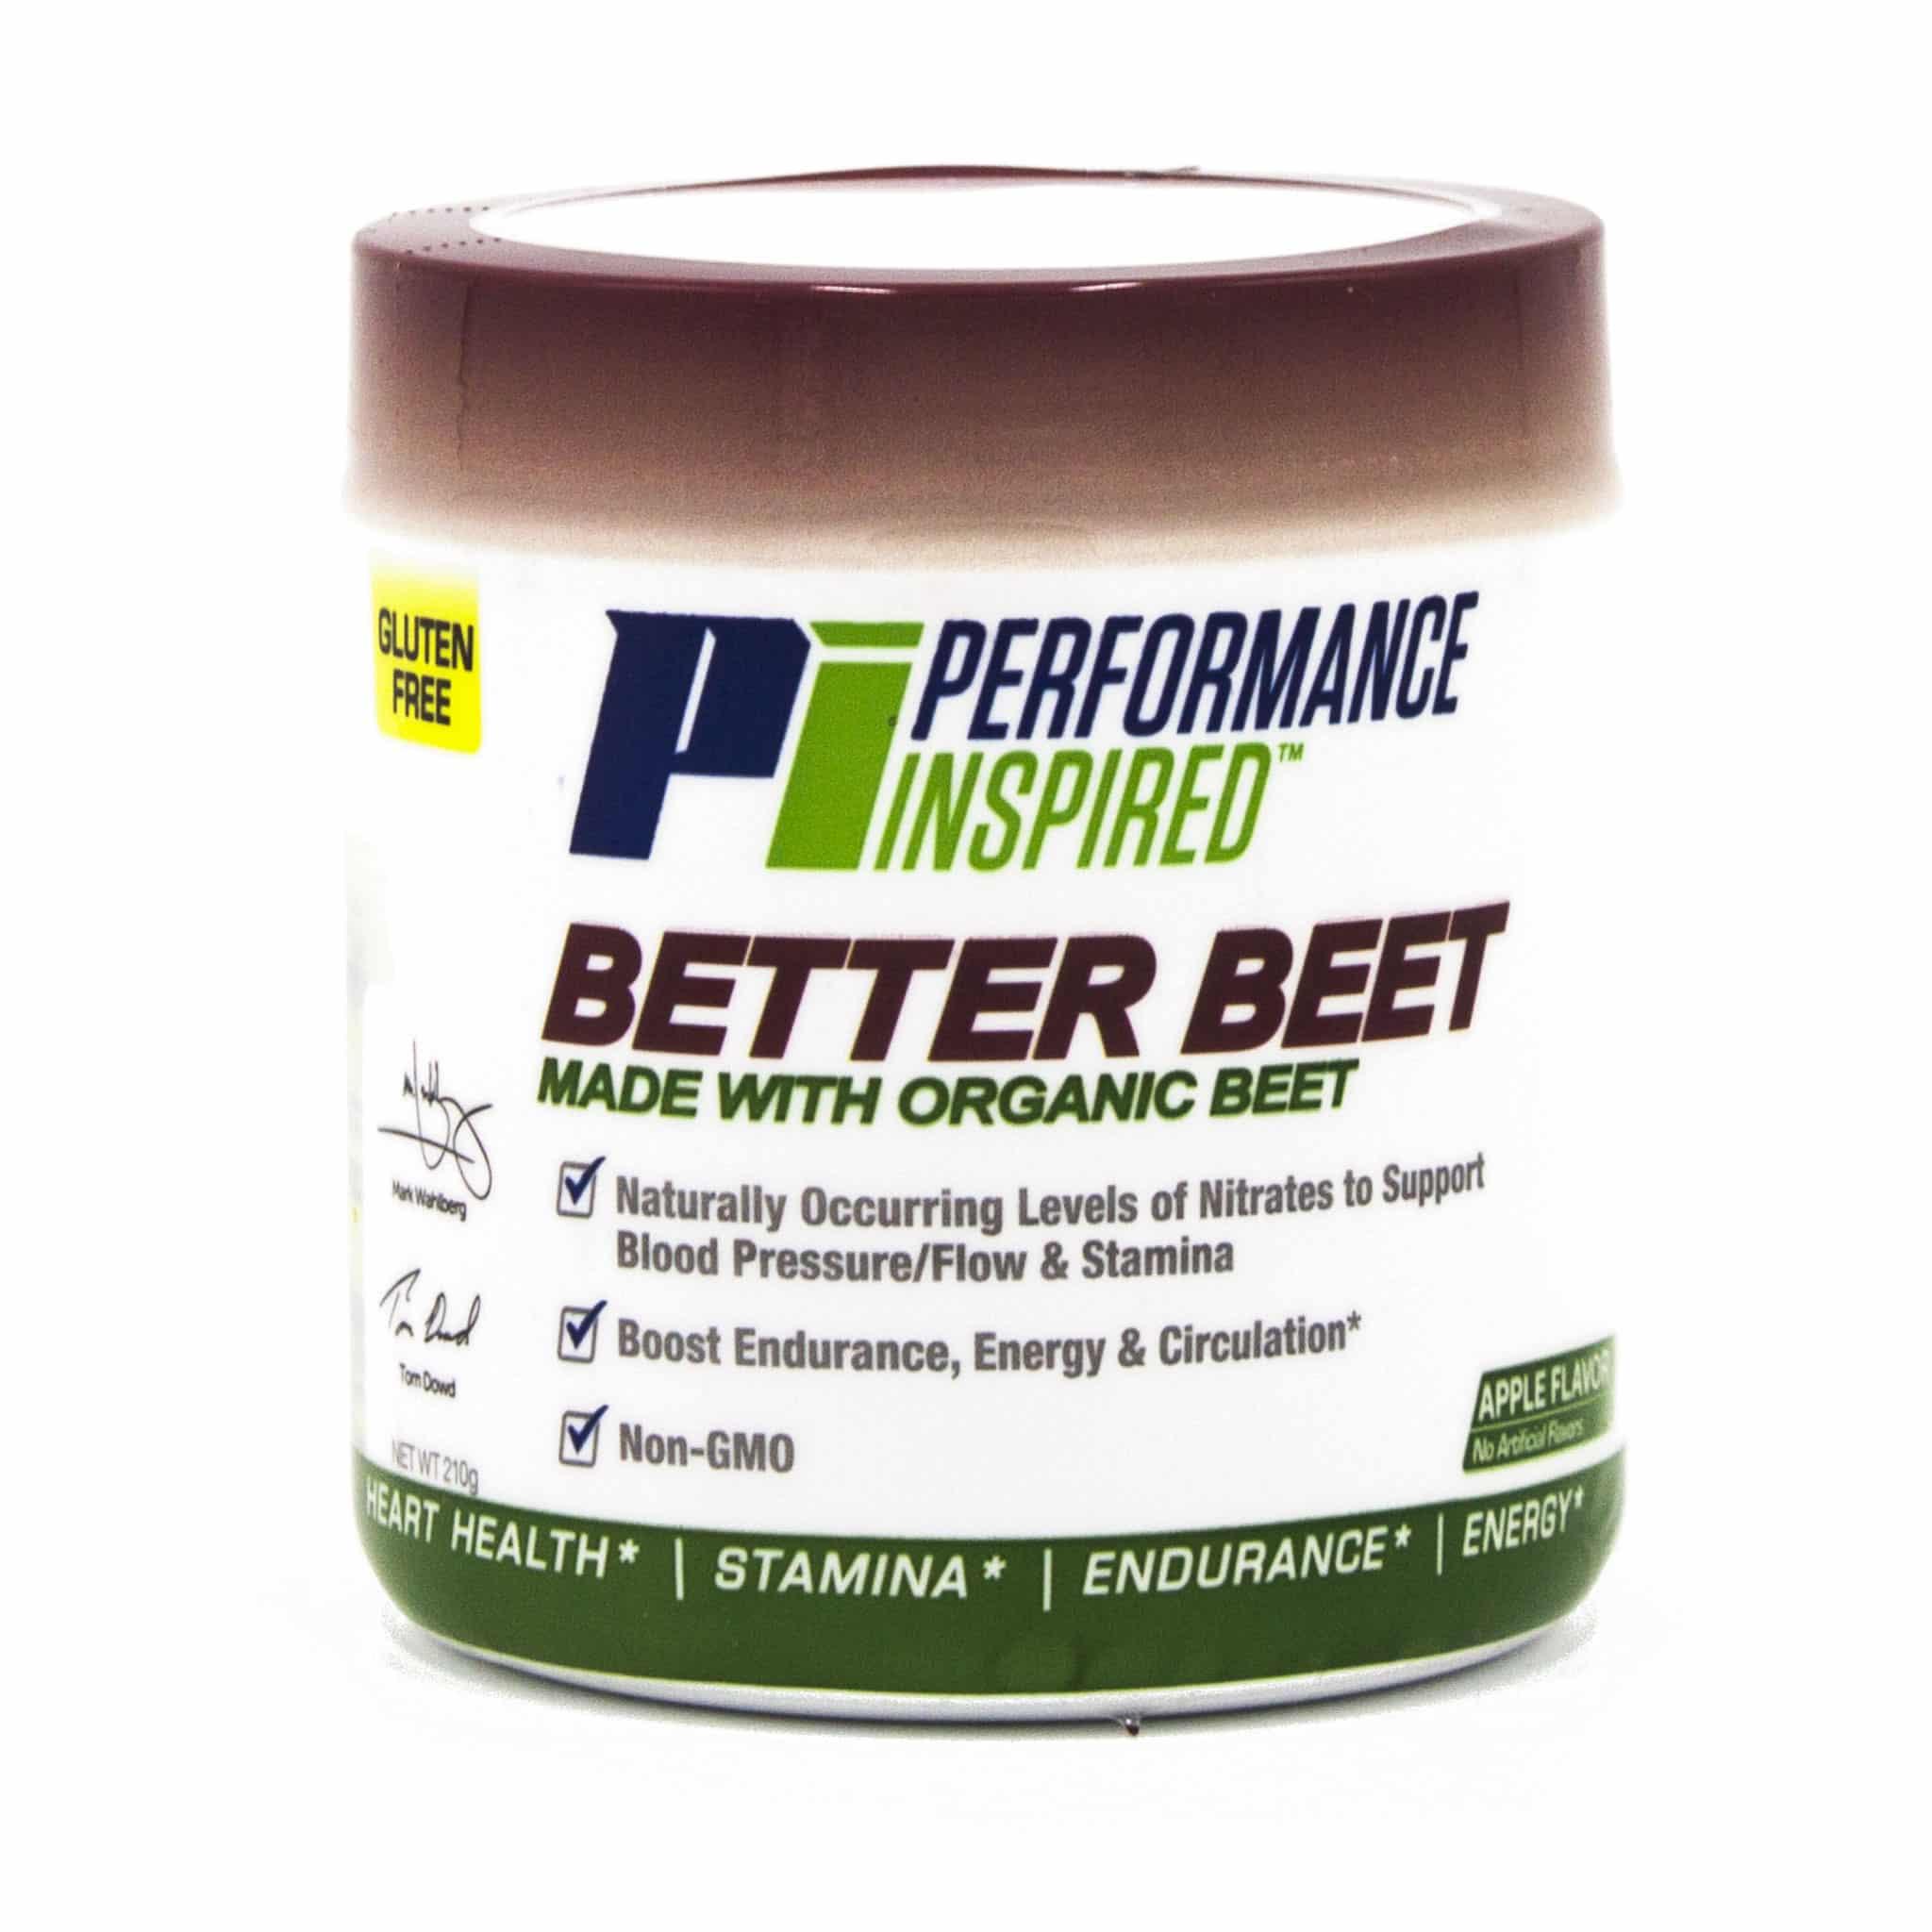 Better beet